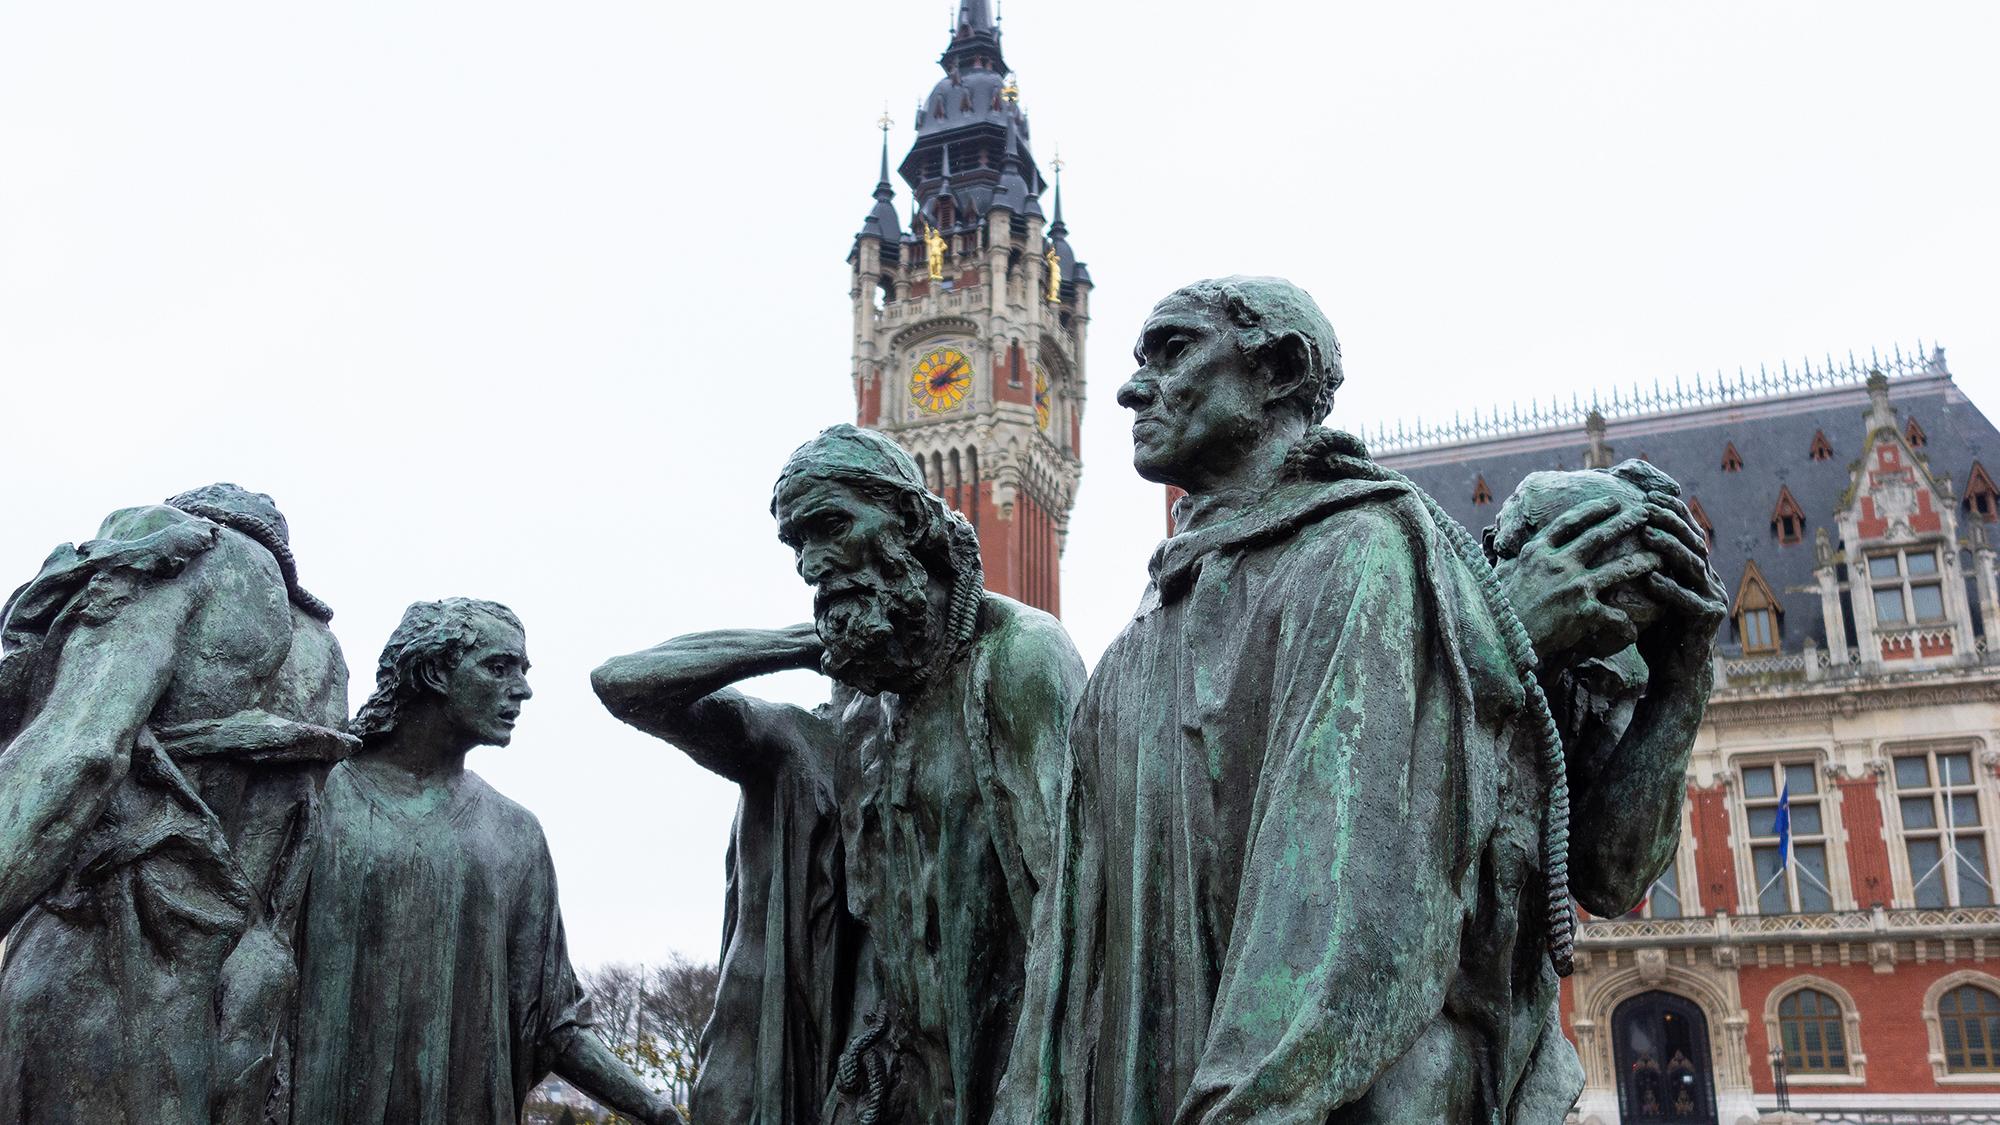 Diese edlen Bürger stehen auch in Basel, kommen aber aus Calais.